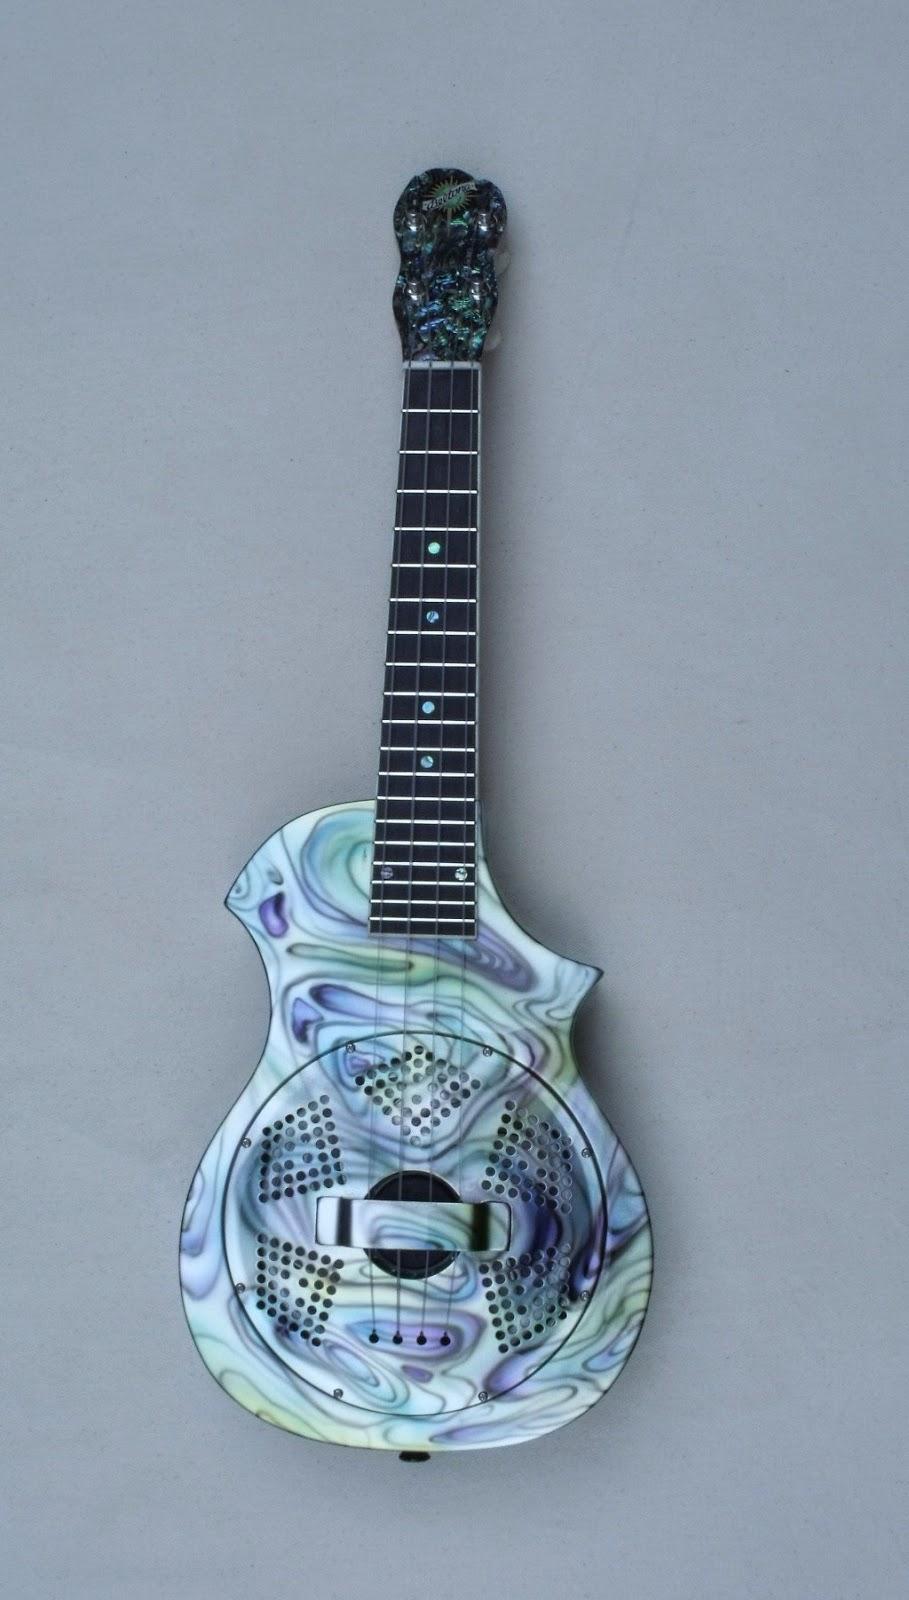 beltona resonator instruments ukuleles for sale. Black Bedroom Furniture Sets. Home Design Ideas